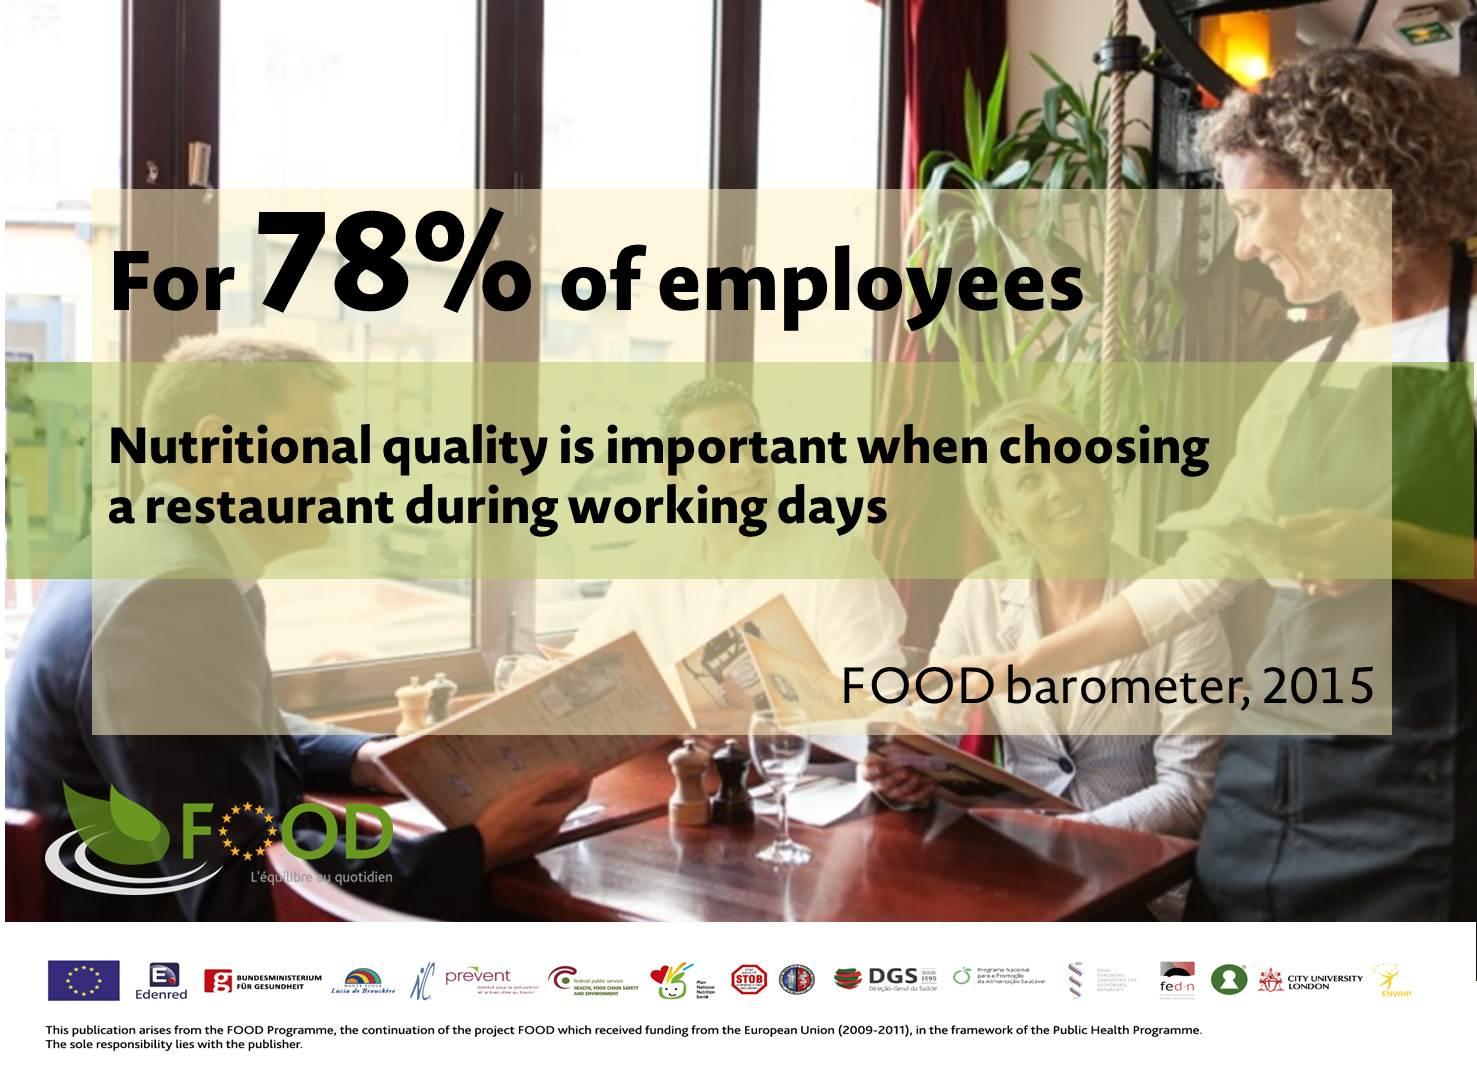 Há mais pessoas a optarem por refeições saudáveis nos restaurantes | Nutrimento